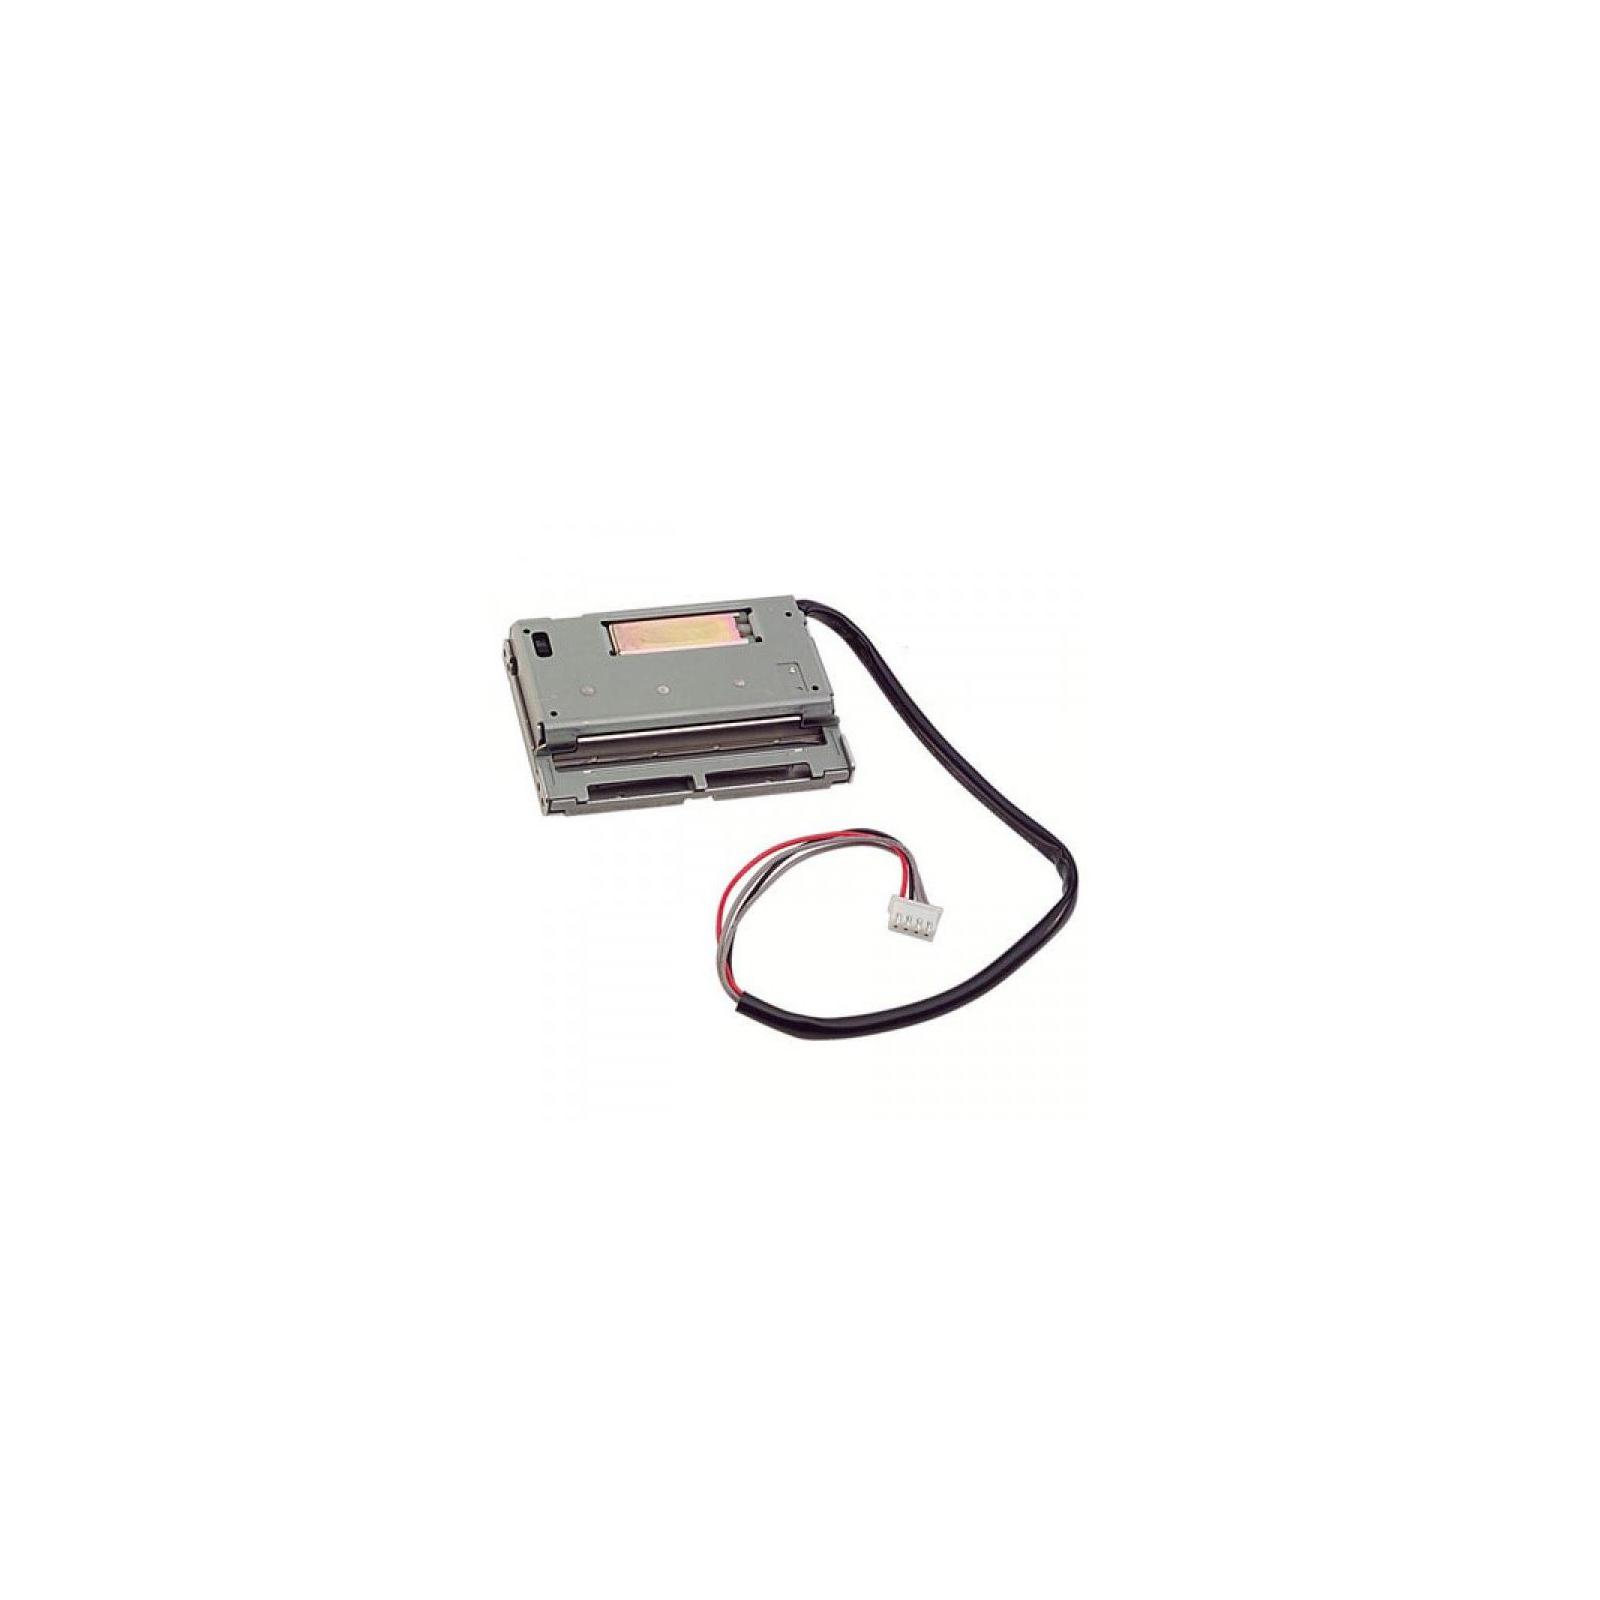 Обрезчик Citizen к принтерам CL-S/CLP521/621/631/CL-Е700 - JM 98916-0M (2000424)